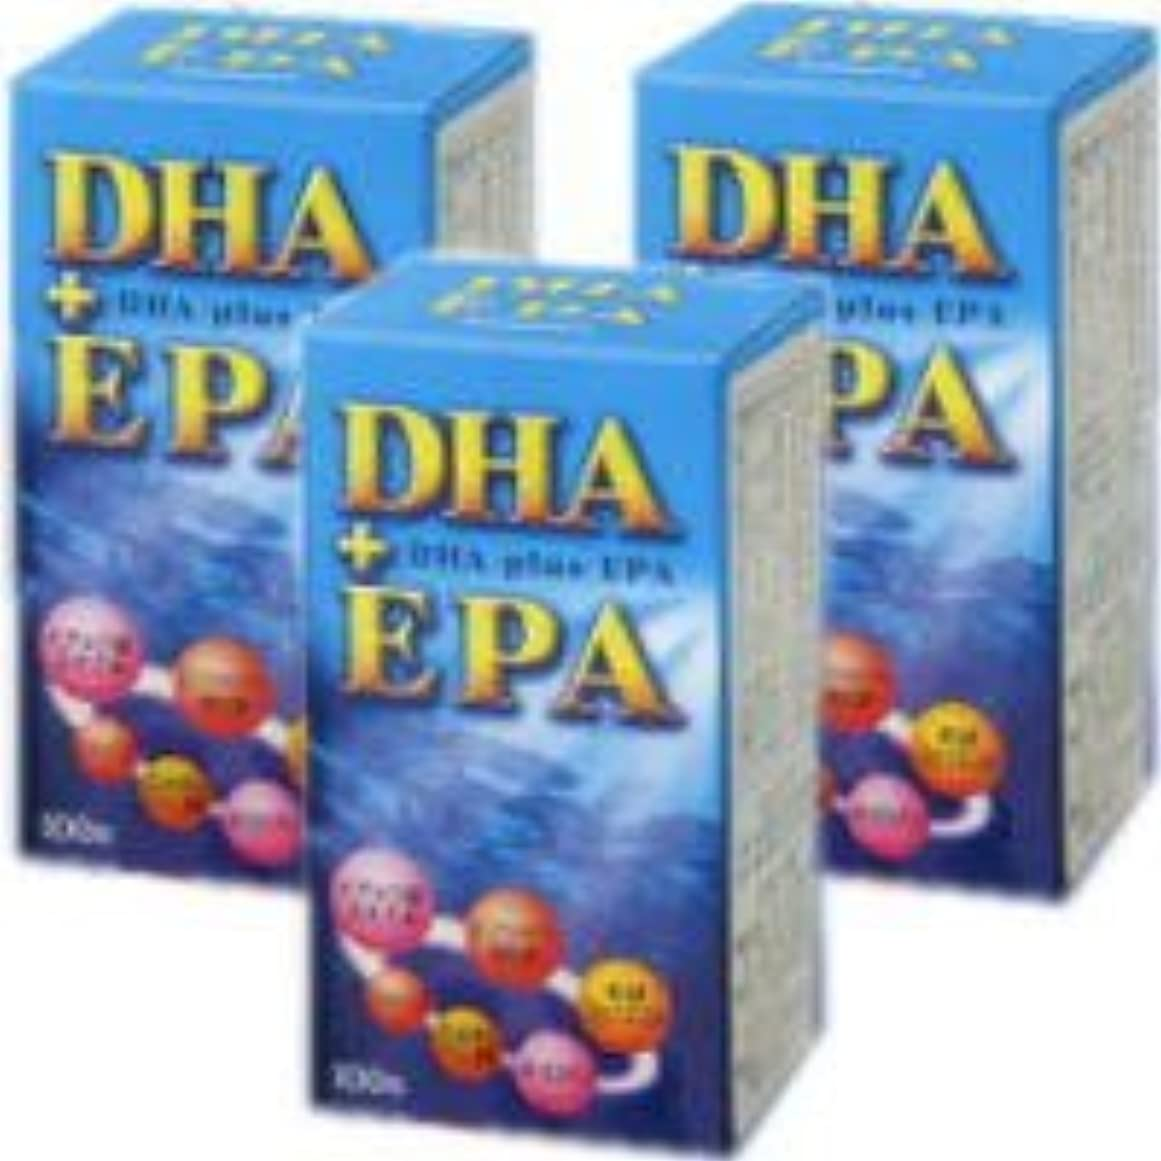 バンジージャンプ簡単な遅いDHA+EPA 3個